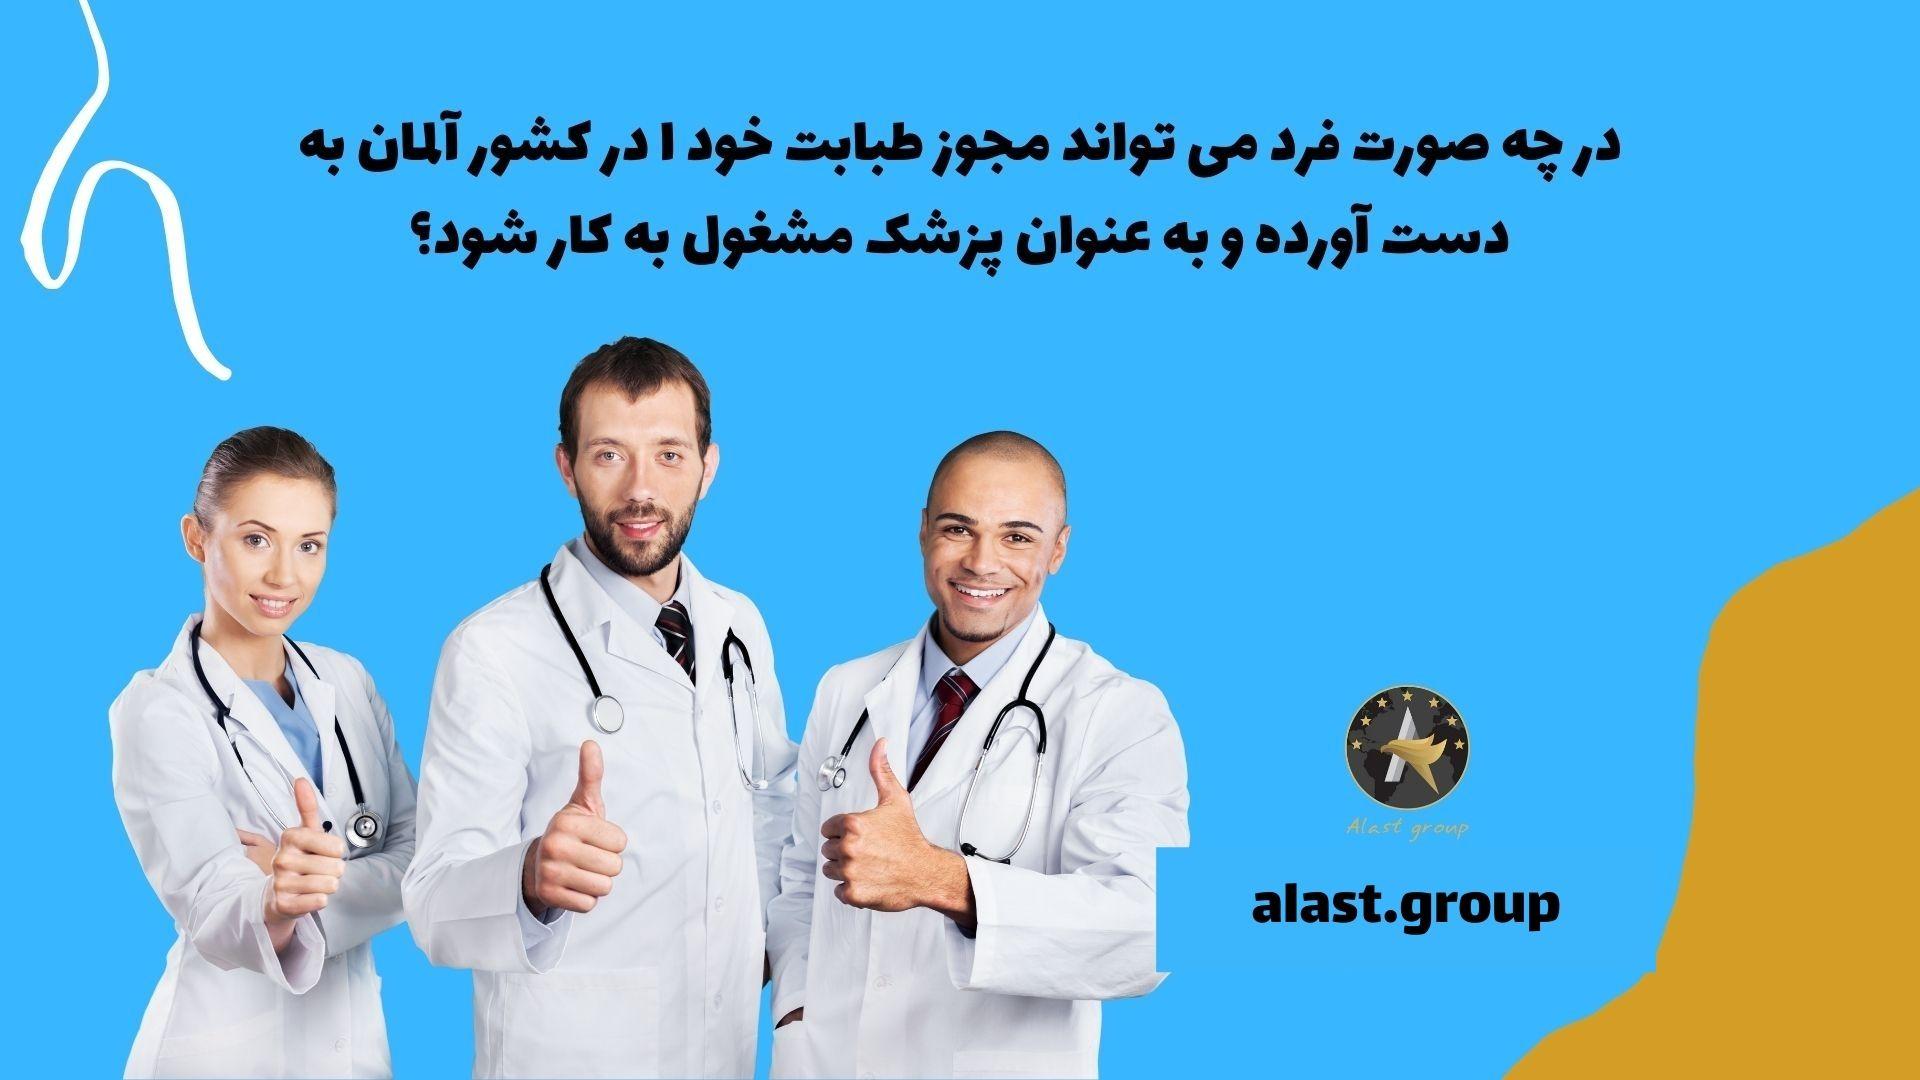 در چه صورت فرد می تواند مجوز طبابت خود را در کشور آلمان به دست آورده و به عنوان پزشک مشغول به کار شود؟